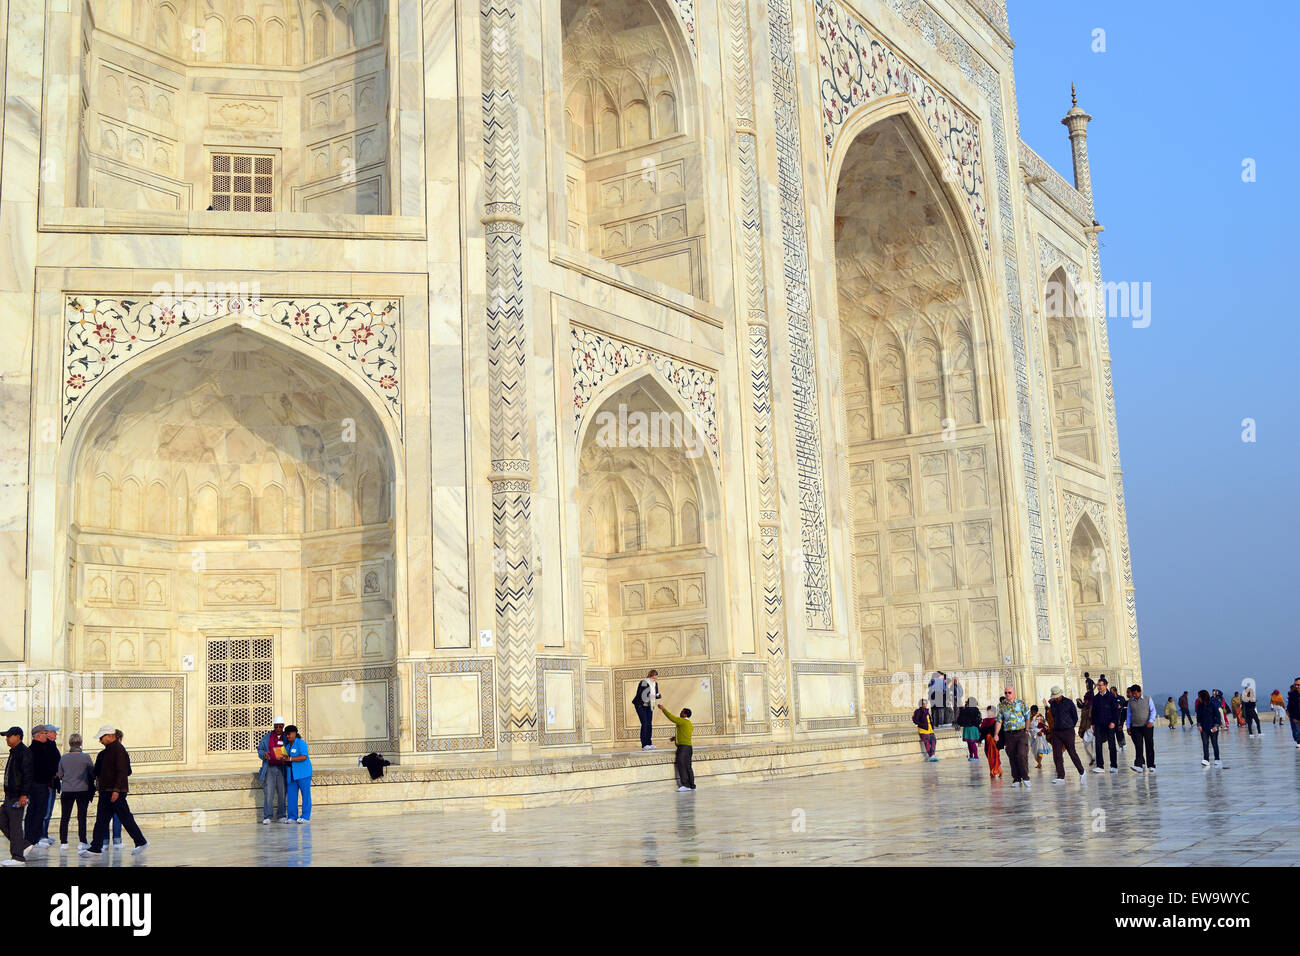 Taj Mahal Closeup Stock Photos & Taj Mahal Closeup Stock Images - Alamy